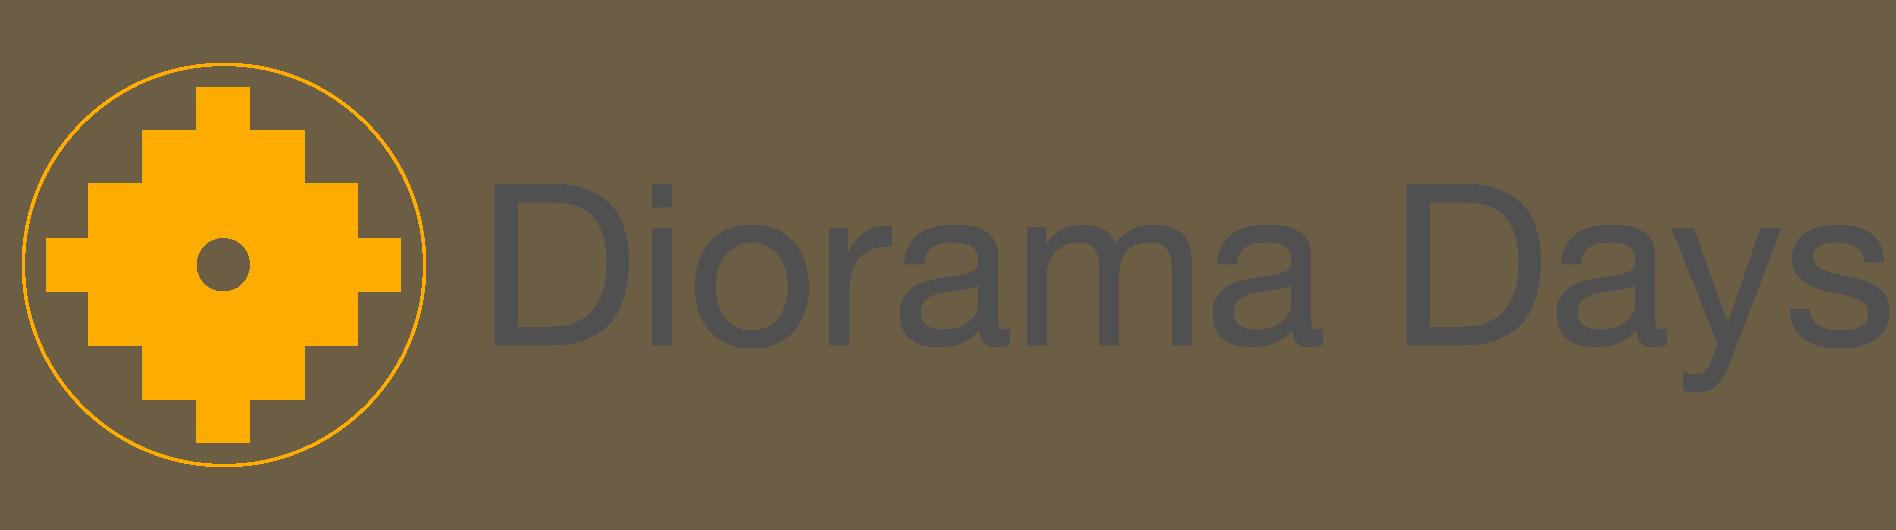 Diorama Days